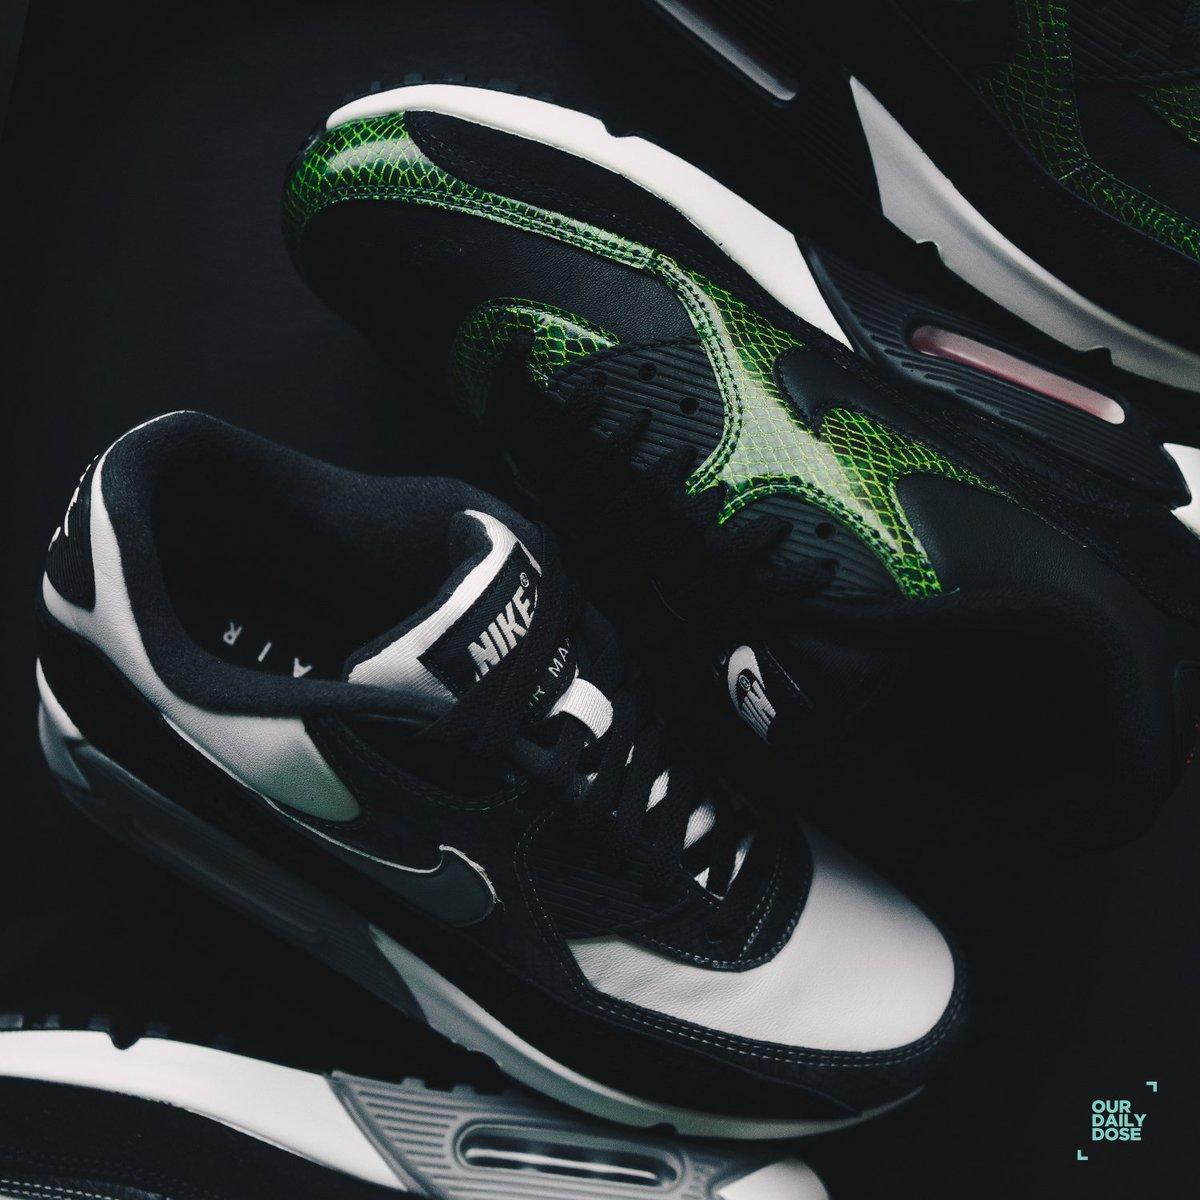 Nike Air Max 90 QS BlackBlack Cyber Fir